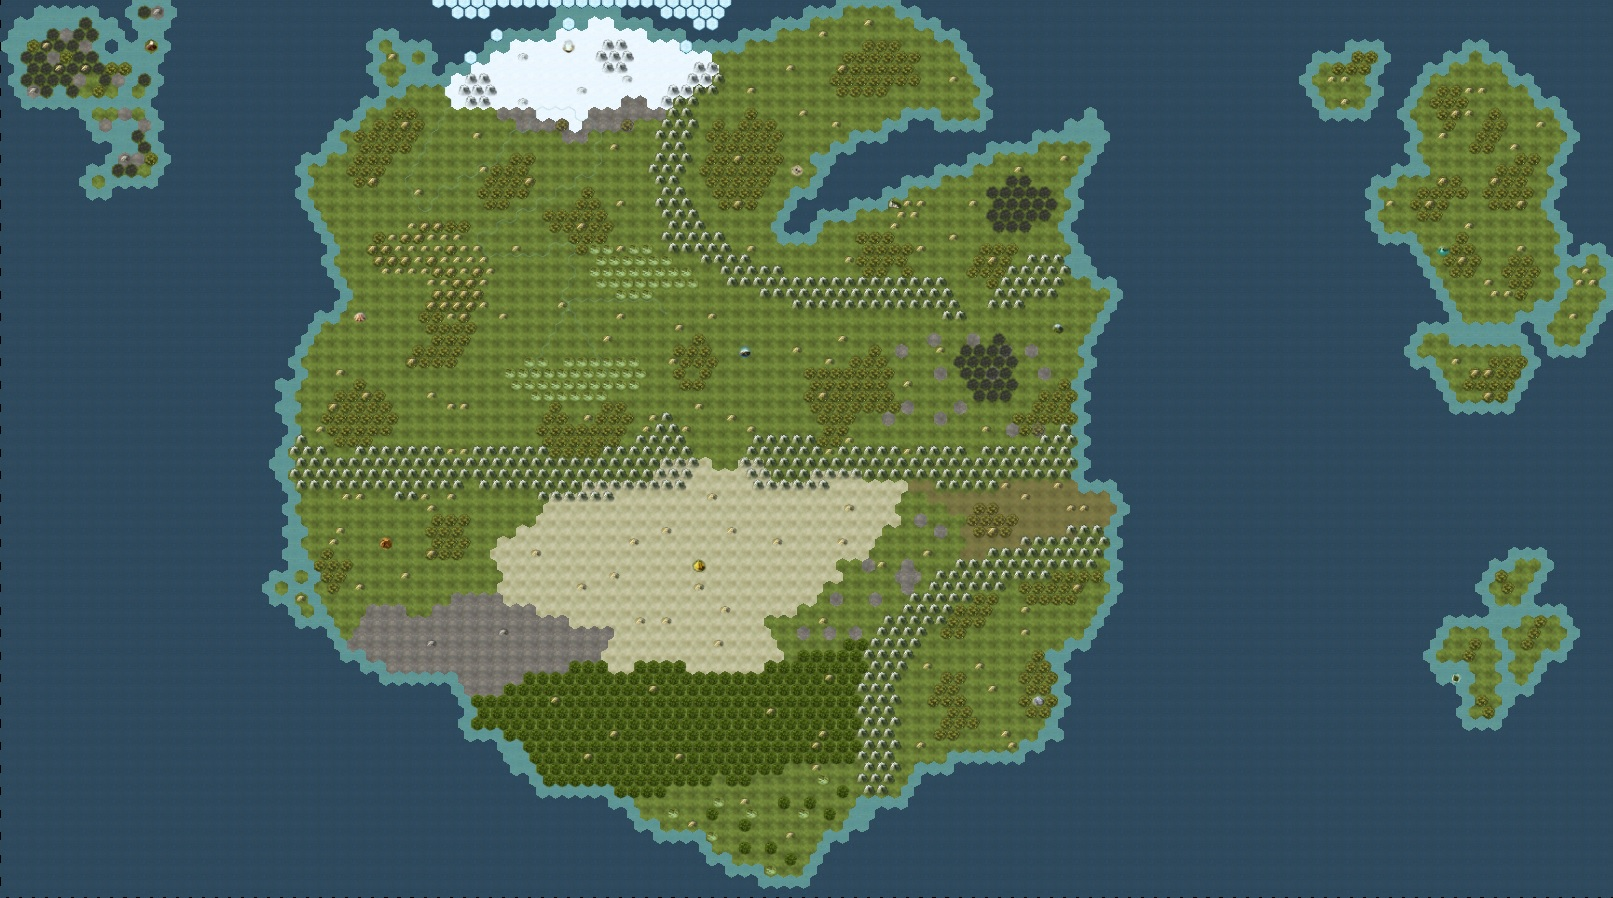 Runeterra Map on